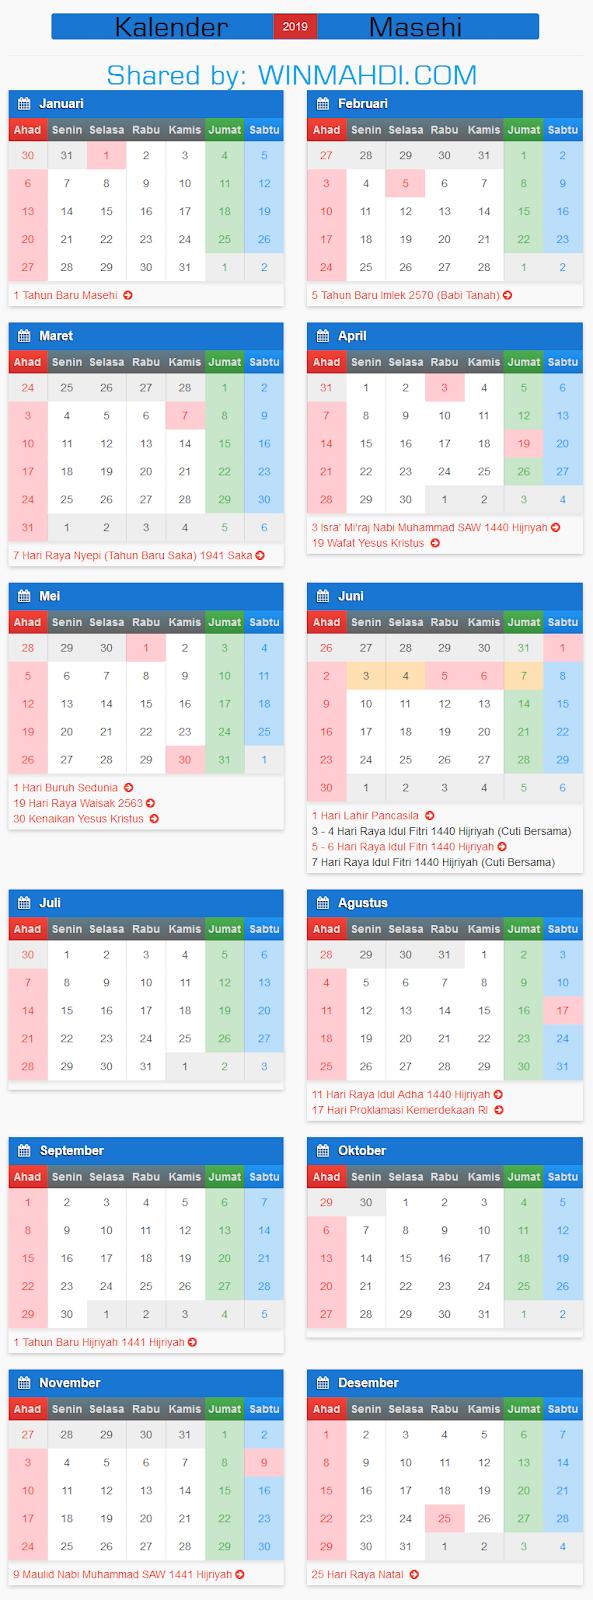 Kalender Masehi Terbaru 2019